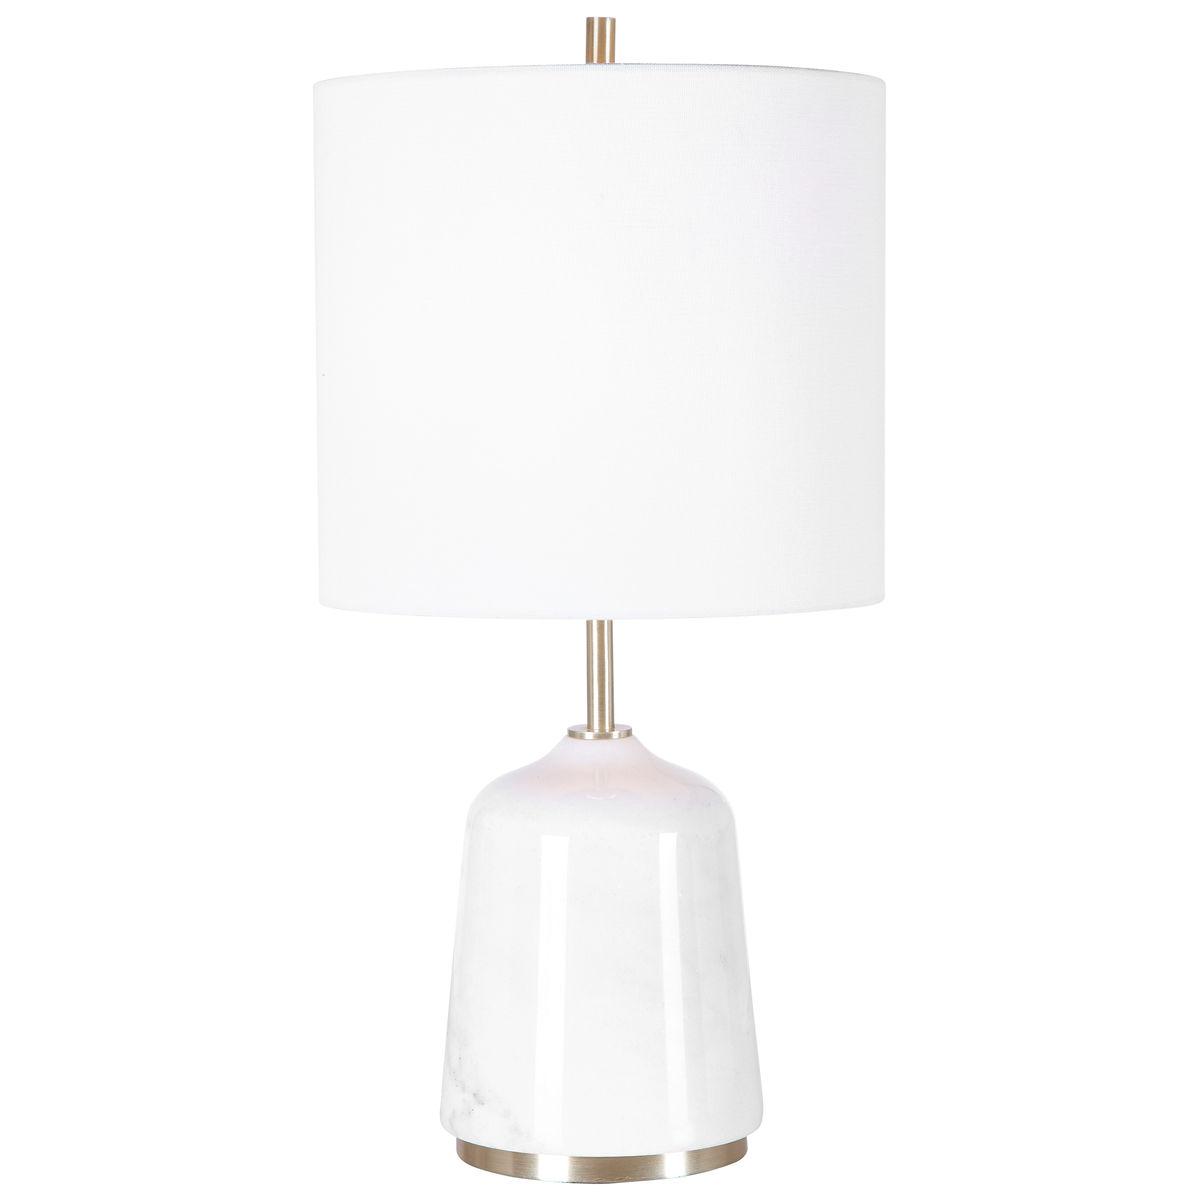 Uttermost Eloise White Marble Table Lamp